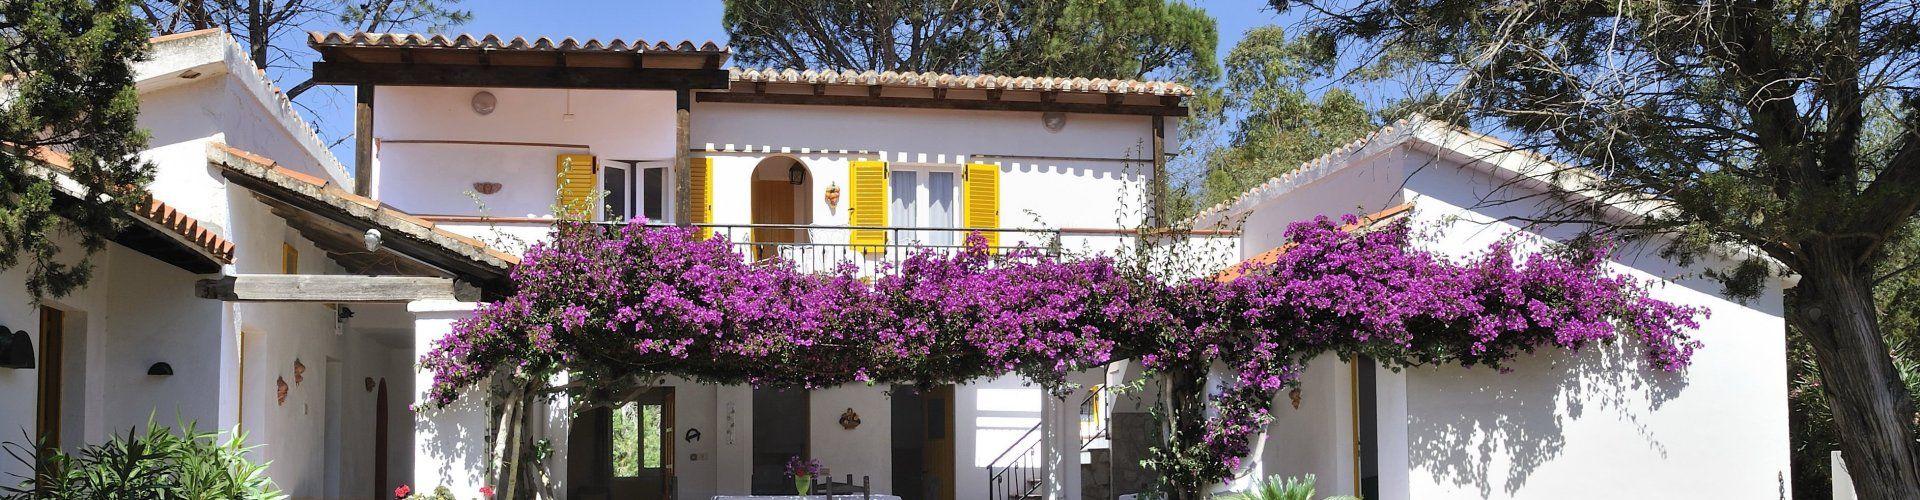 Villa mit Terrasse und Balkon in Süd-Ost Sardinien